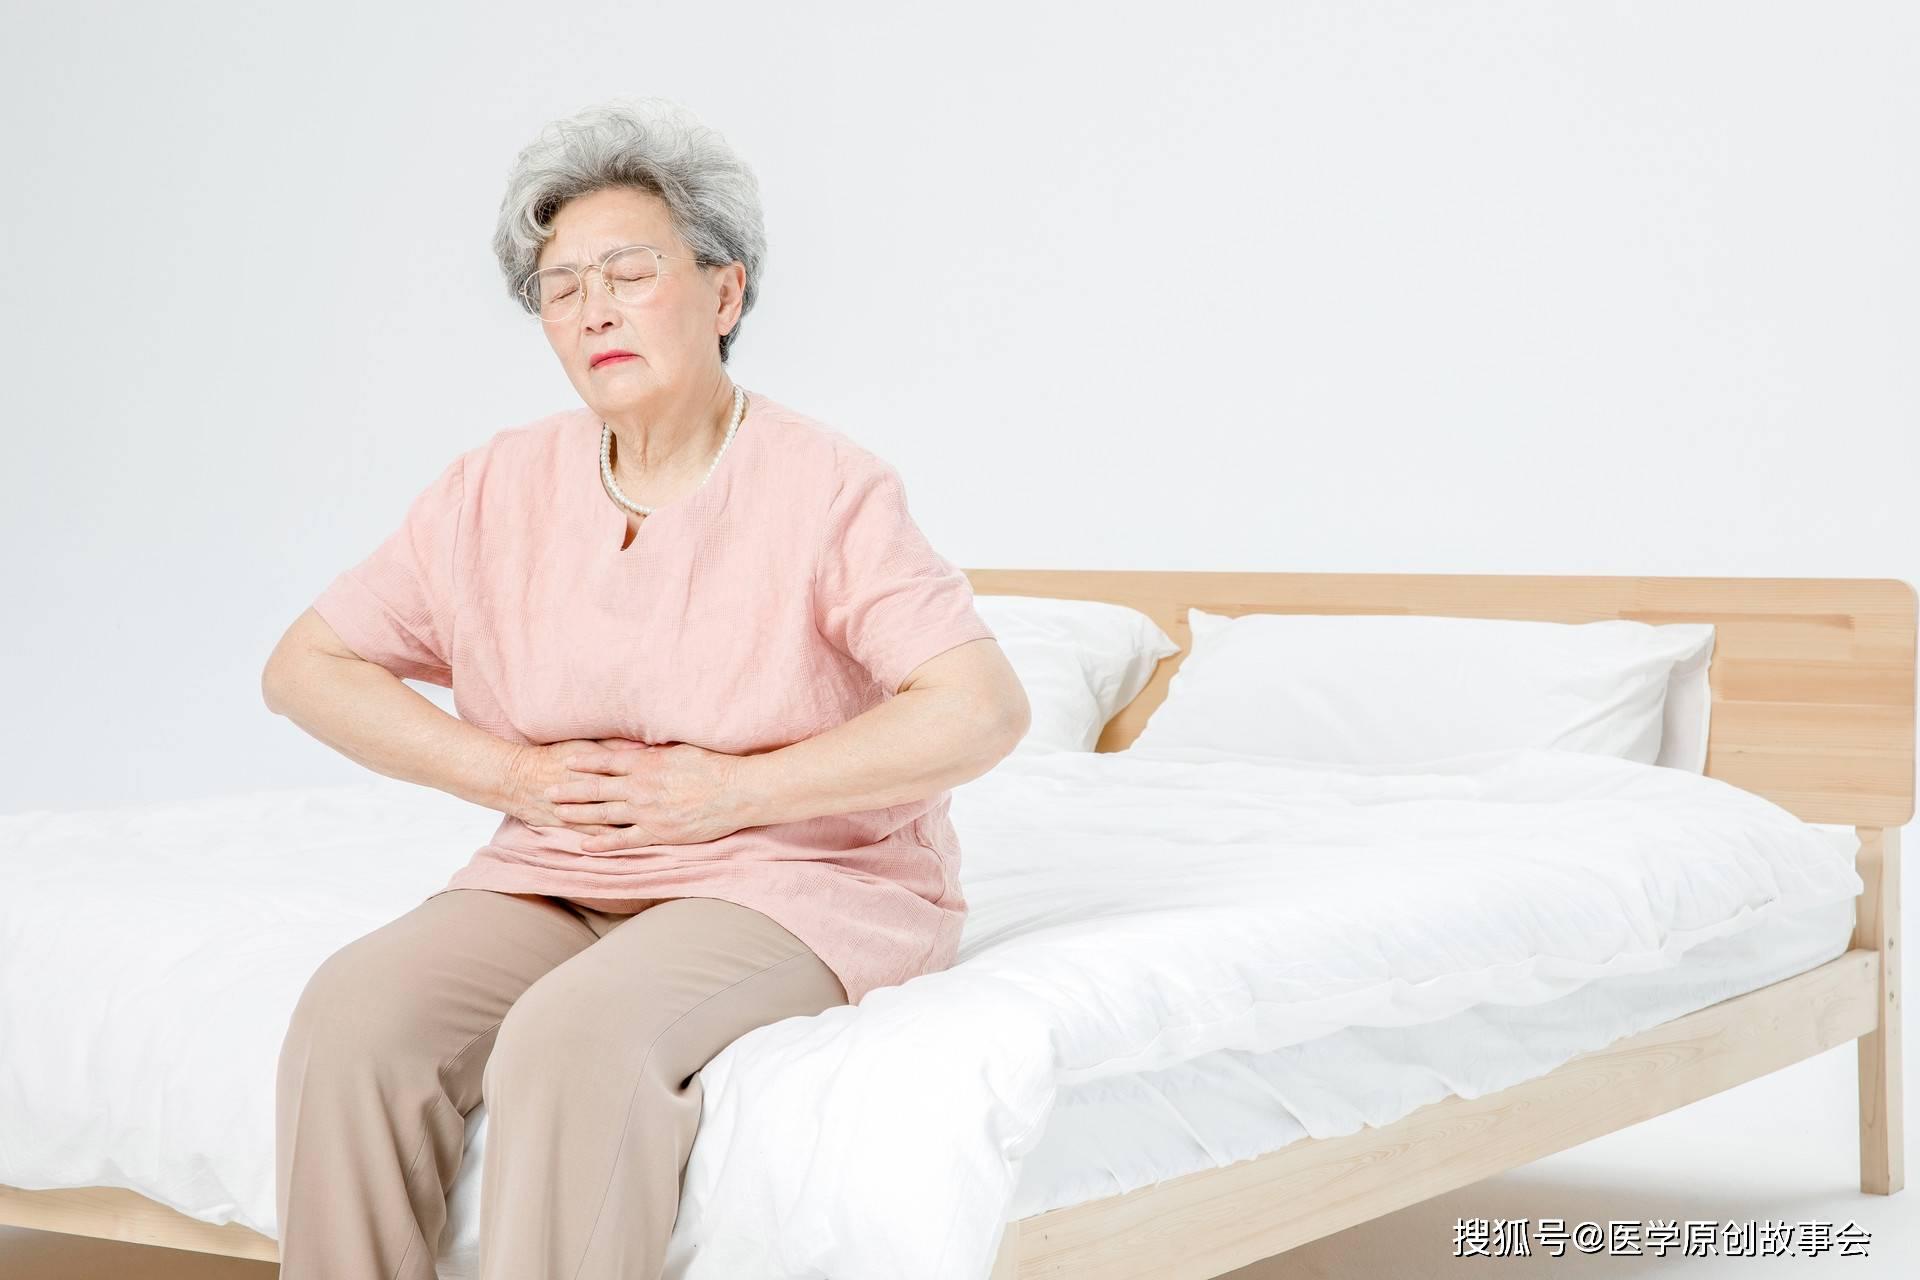 央视主持人肖晓琳因直肠癌去世,大便若有五个特征,越早检查越好